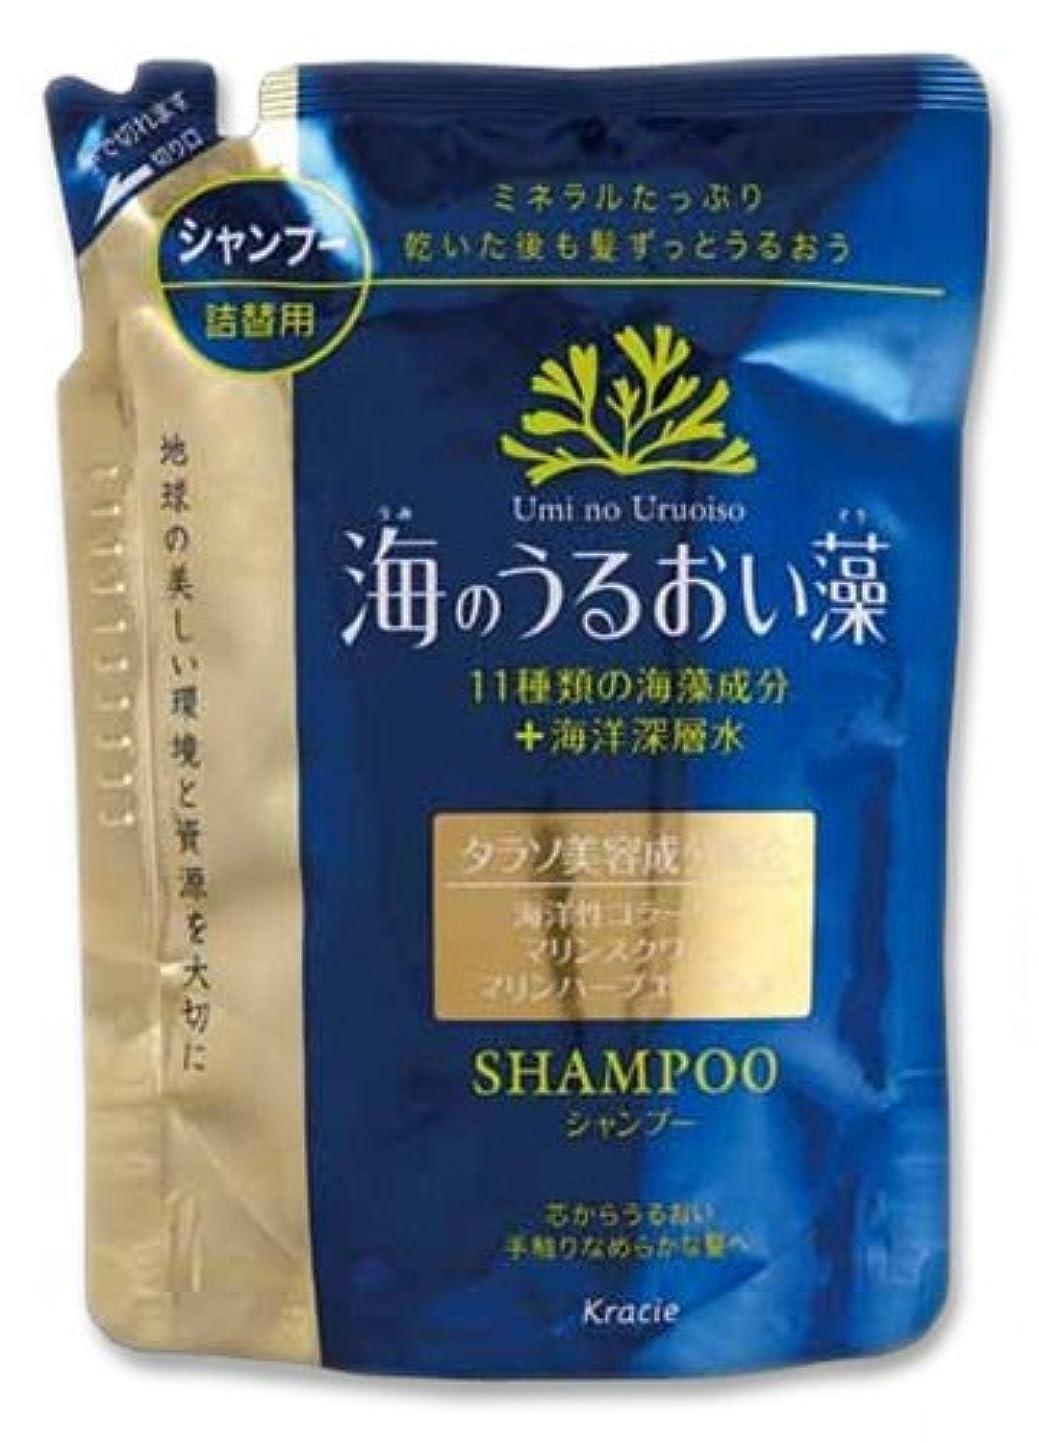 ページェント貞美人クラシエ 海のうるおい藻 シャンプー 詰替用 420ml ×16点セット (4901417759221)